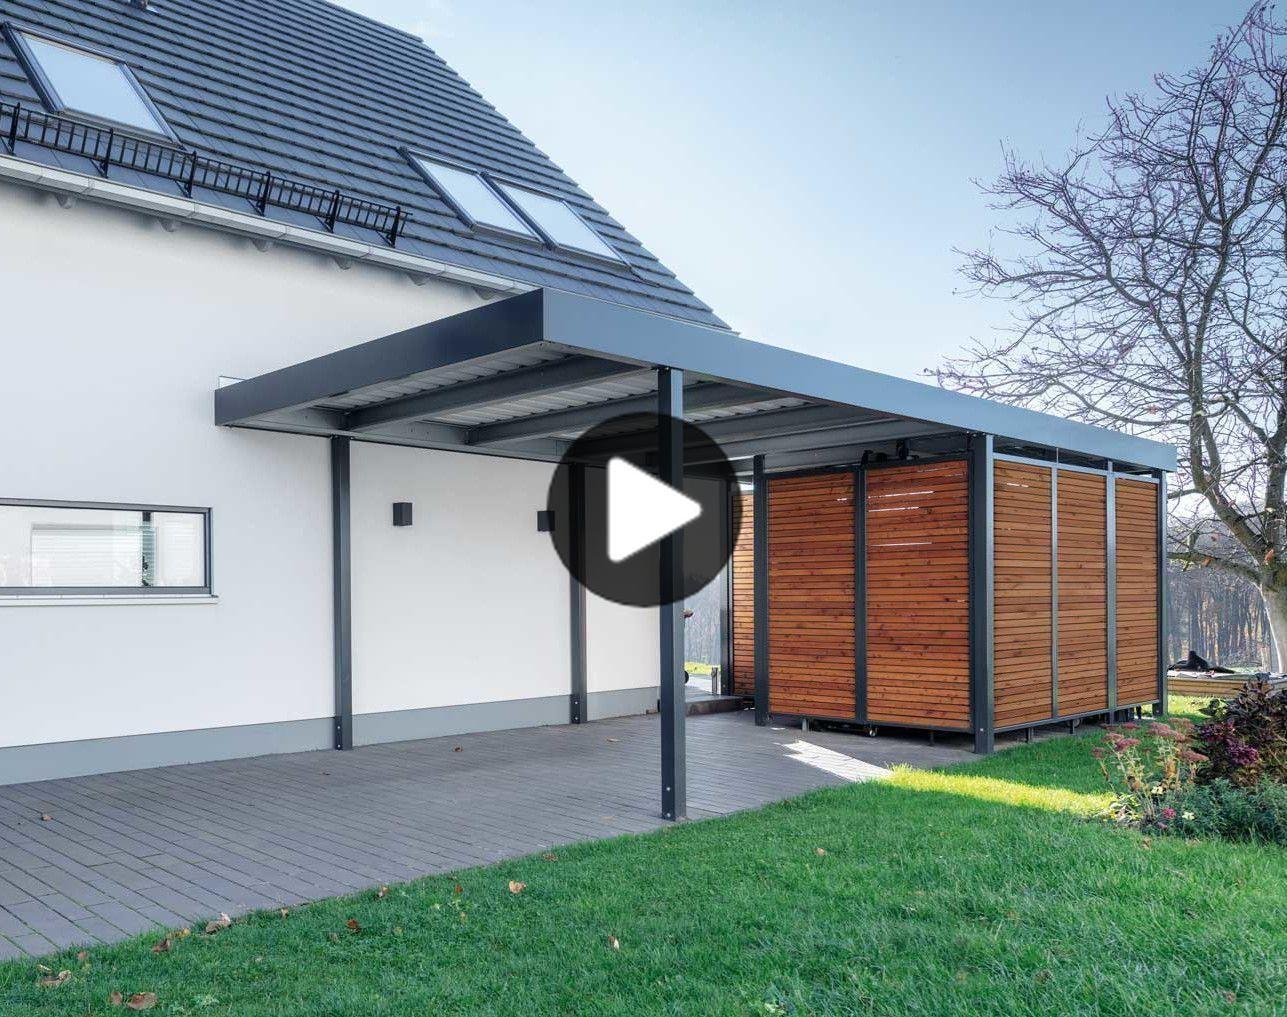 Pin Von Andrenetta Hood Auf Carports In 2020 Einzelcarport Carport Garagenbau